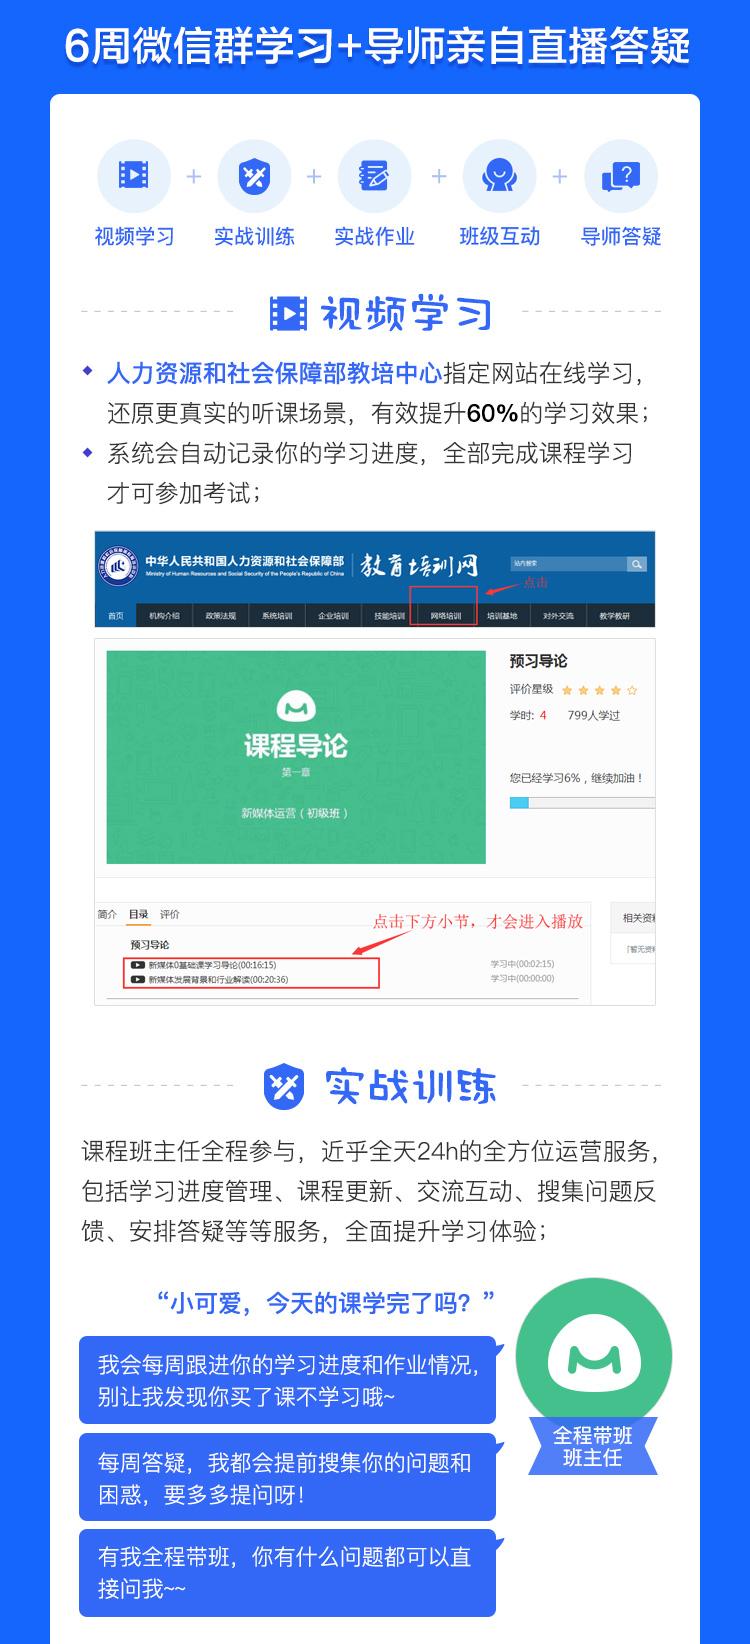 http://mtedu-img.oss-cn-beijing-internal.aliyuncs.com/ueditor/20190910115227_681964.jpg